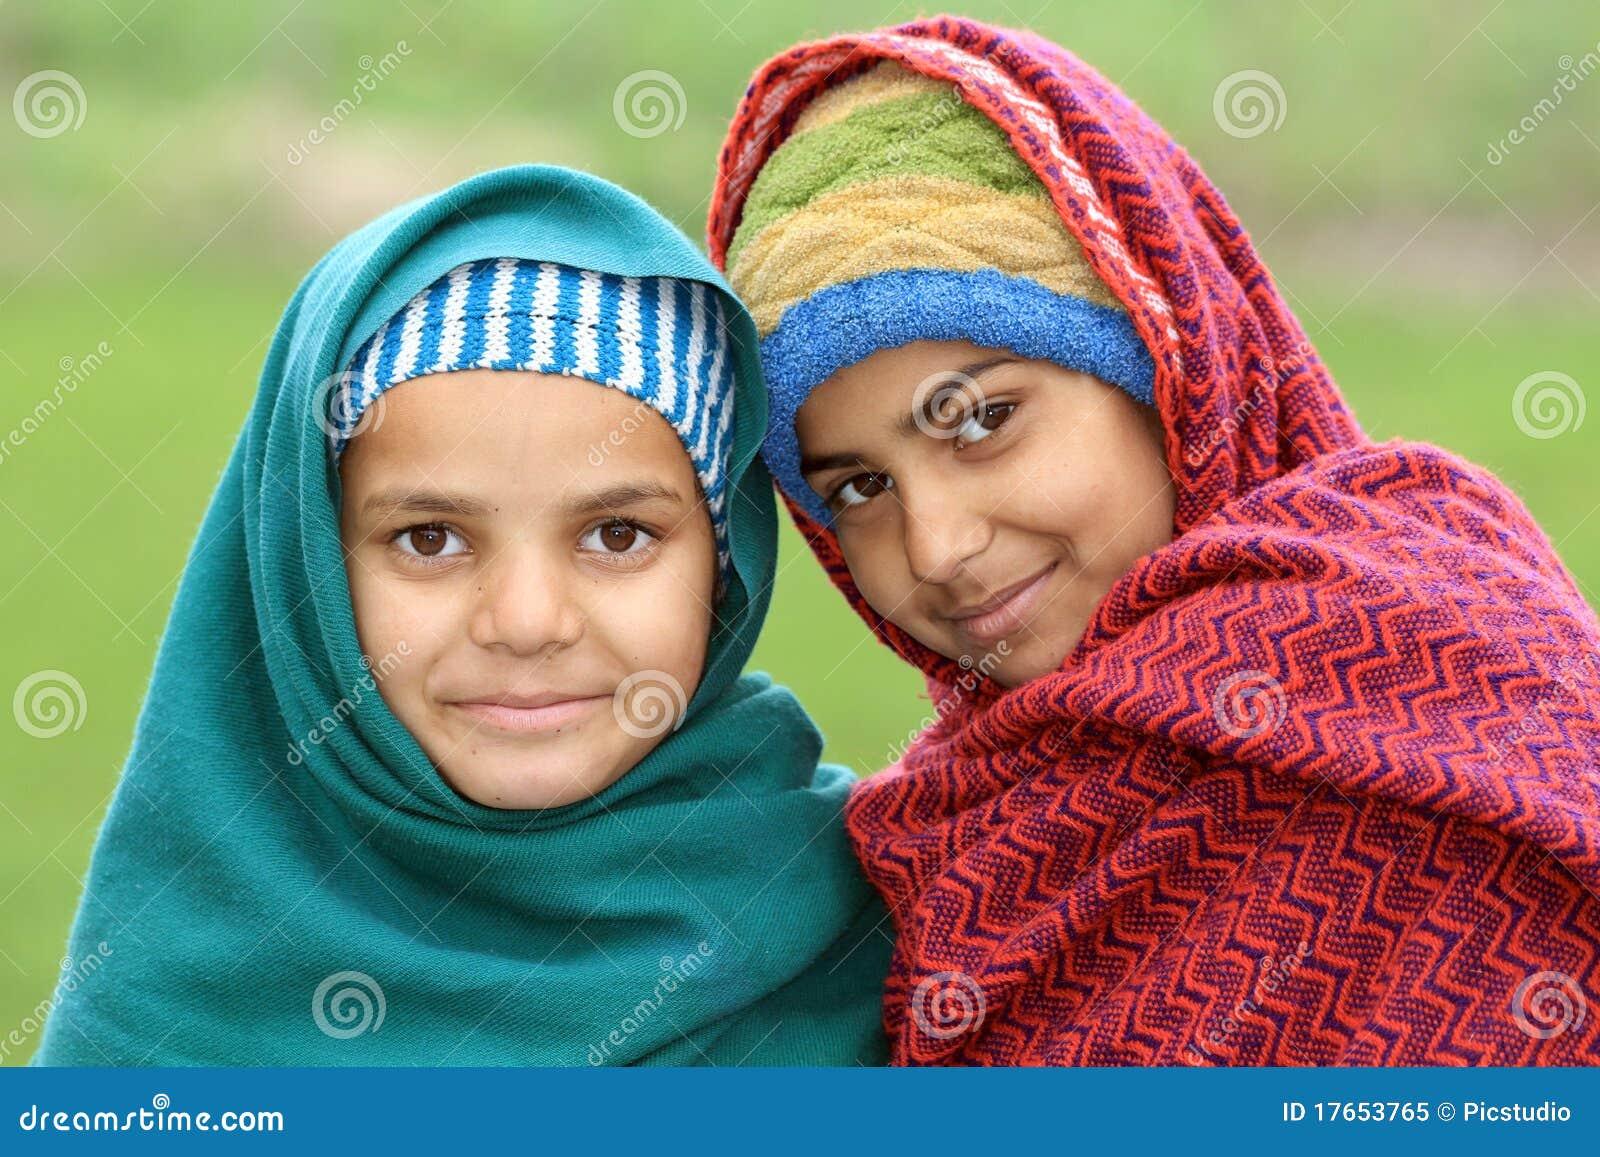 Афганистан фото девушка